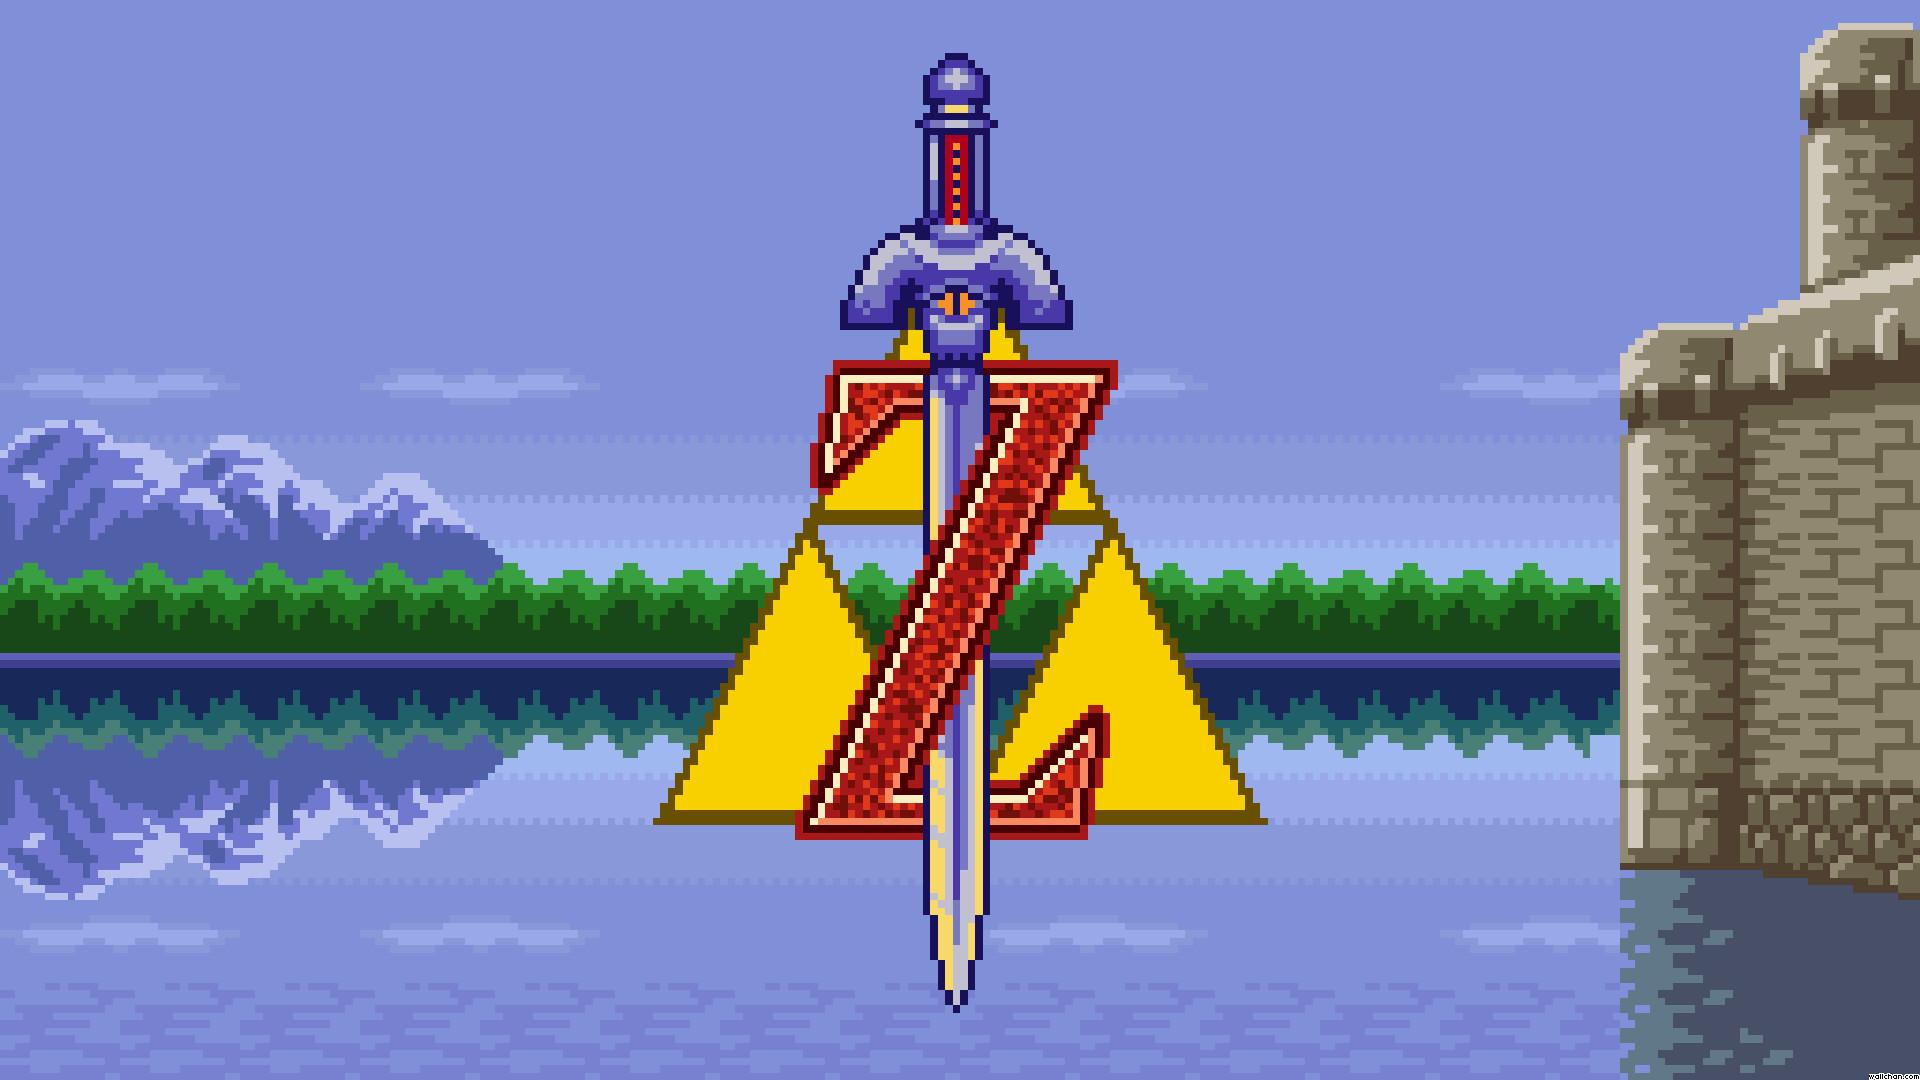 Games <b>Wallpaper</b>: Super Mario <b>Wallpaper